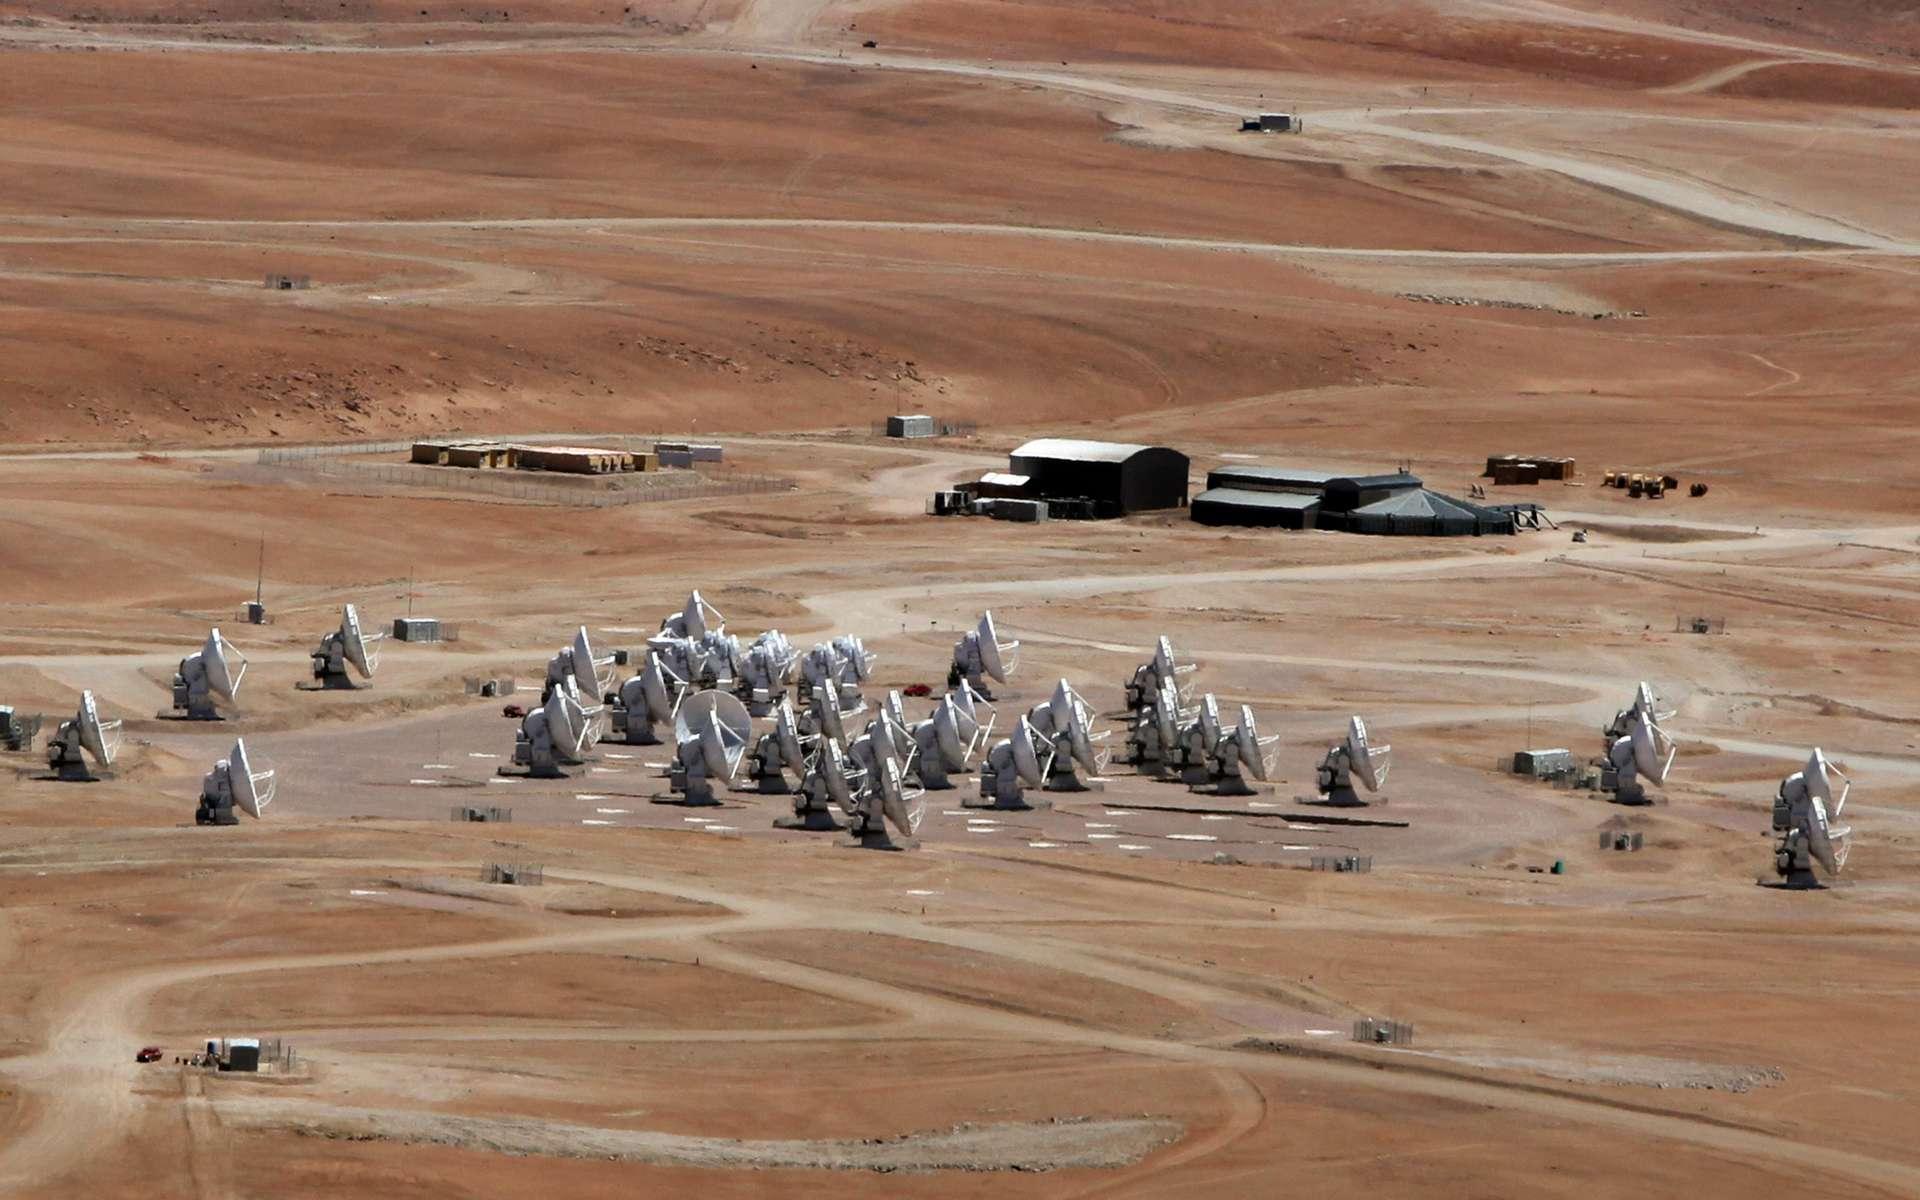 Une partie des 66 antennes d'Alma, avec au centre l'ensemble des antennes qui forme le réseau compact d'Alma. © C. Padilla, Alma (Eso, NAOJ, NRAO)